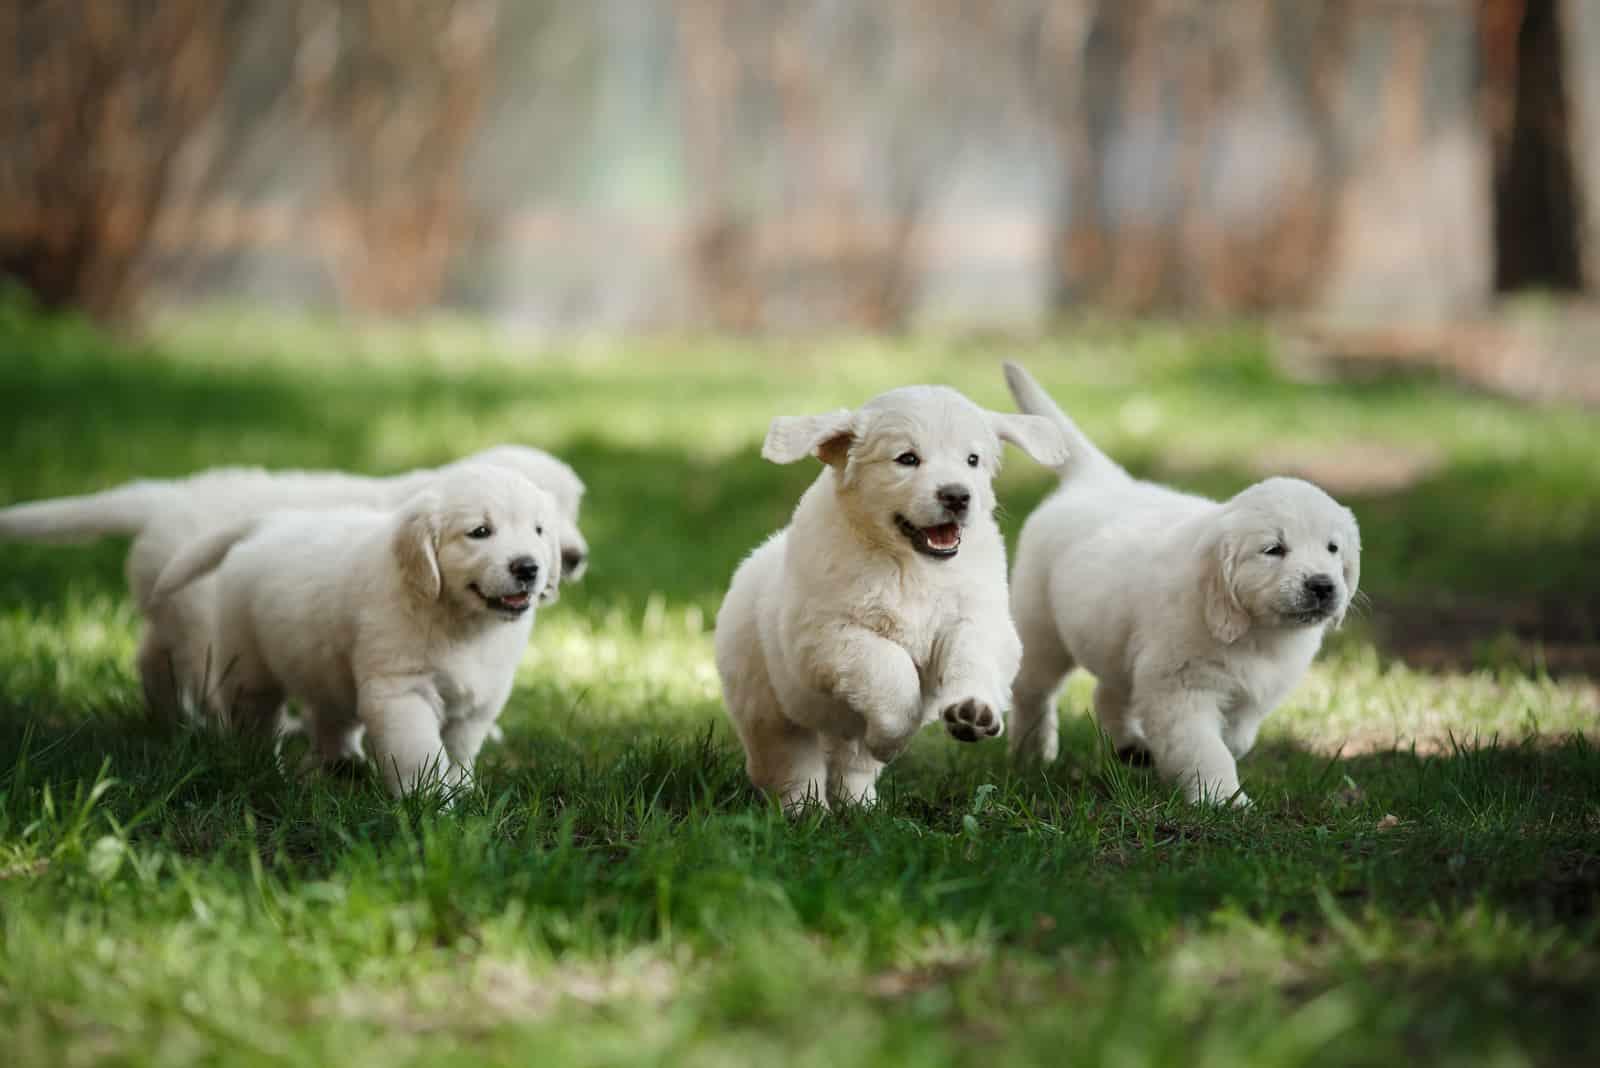 Kleine Welpen Golden Retriever, herumlaufen